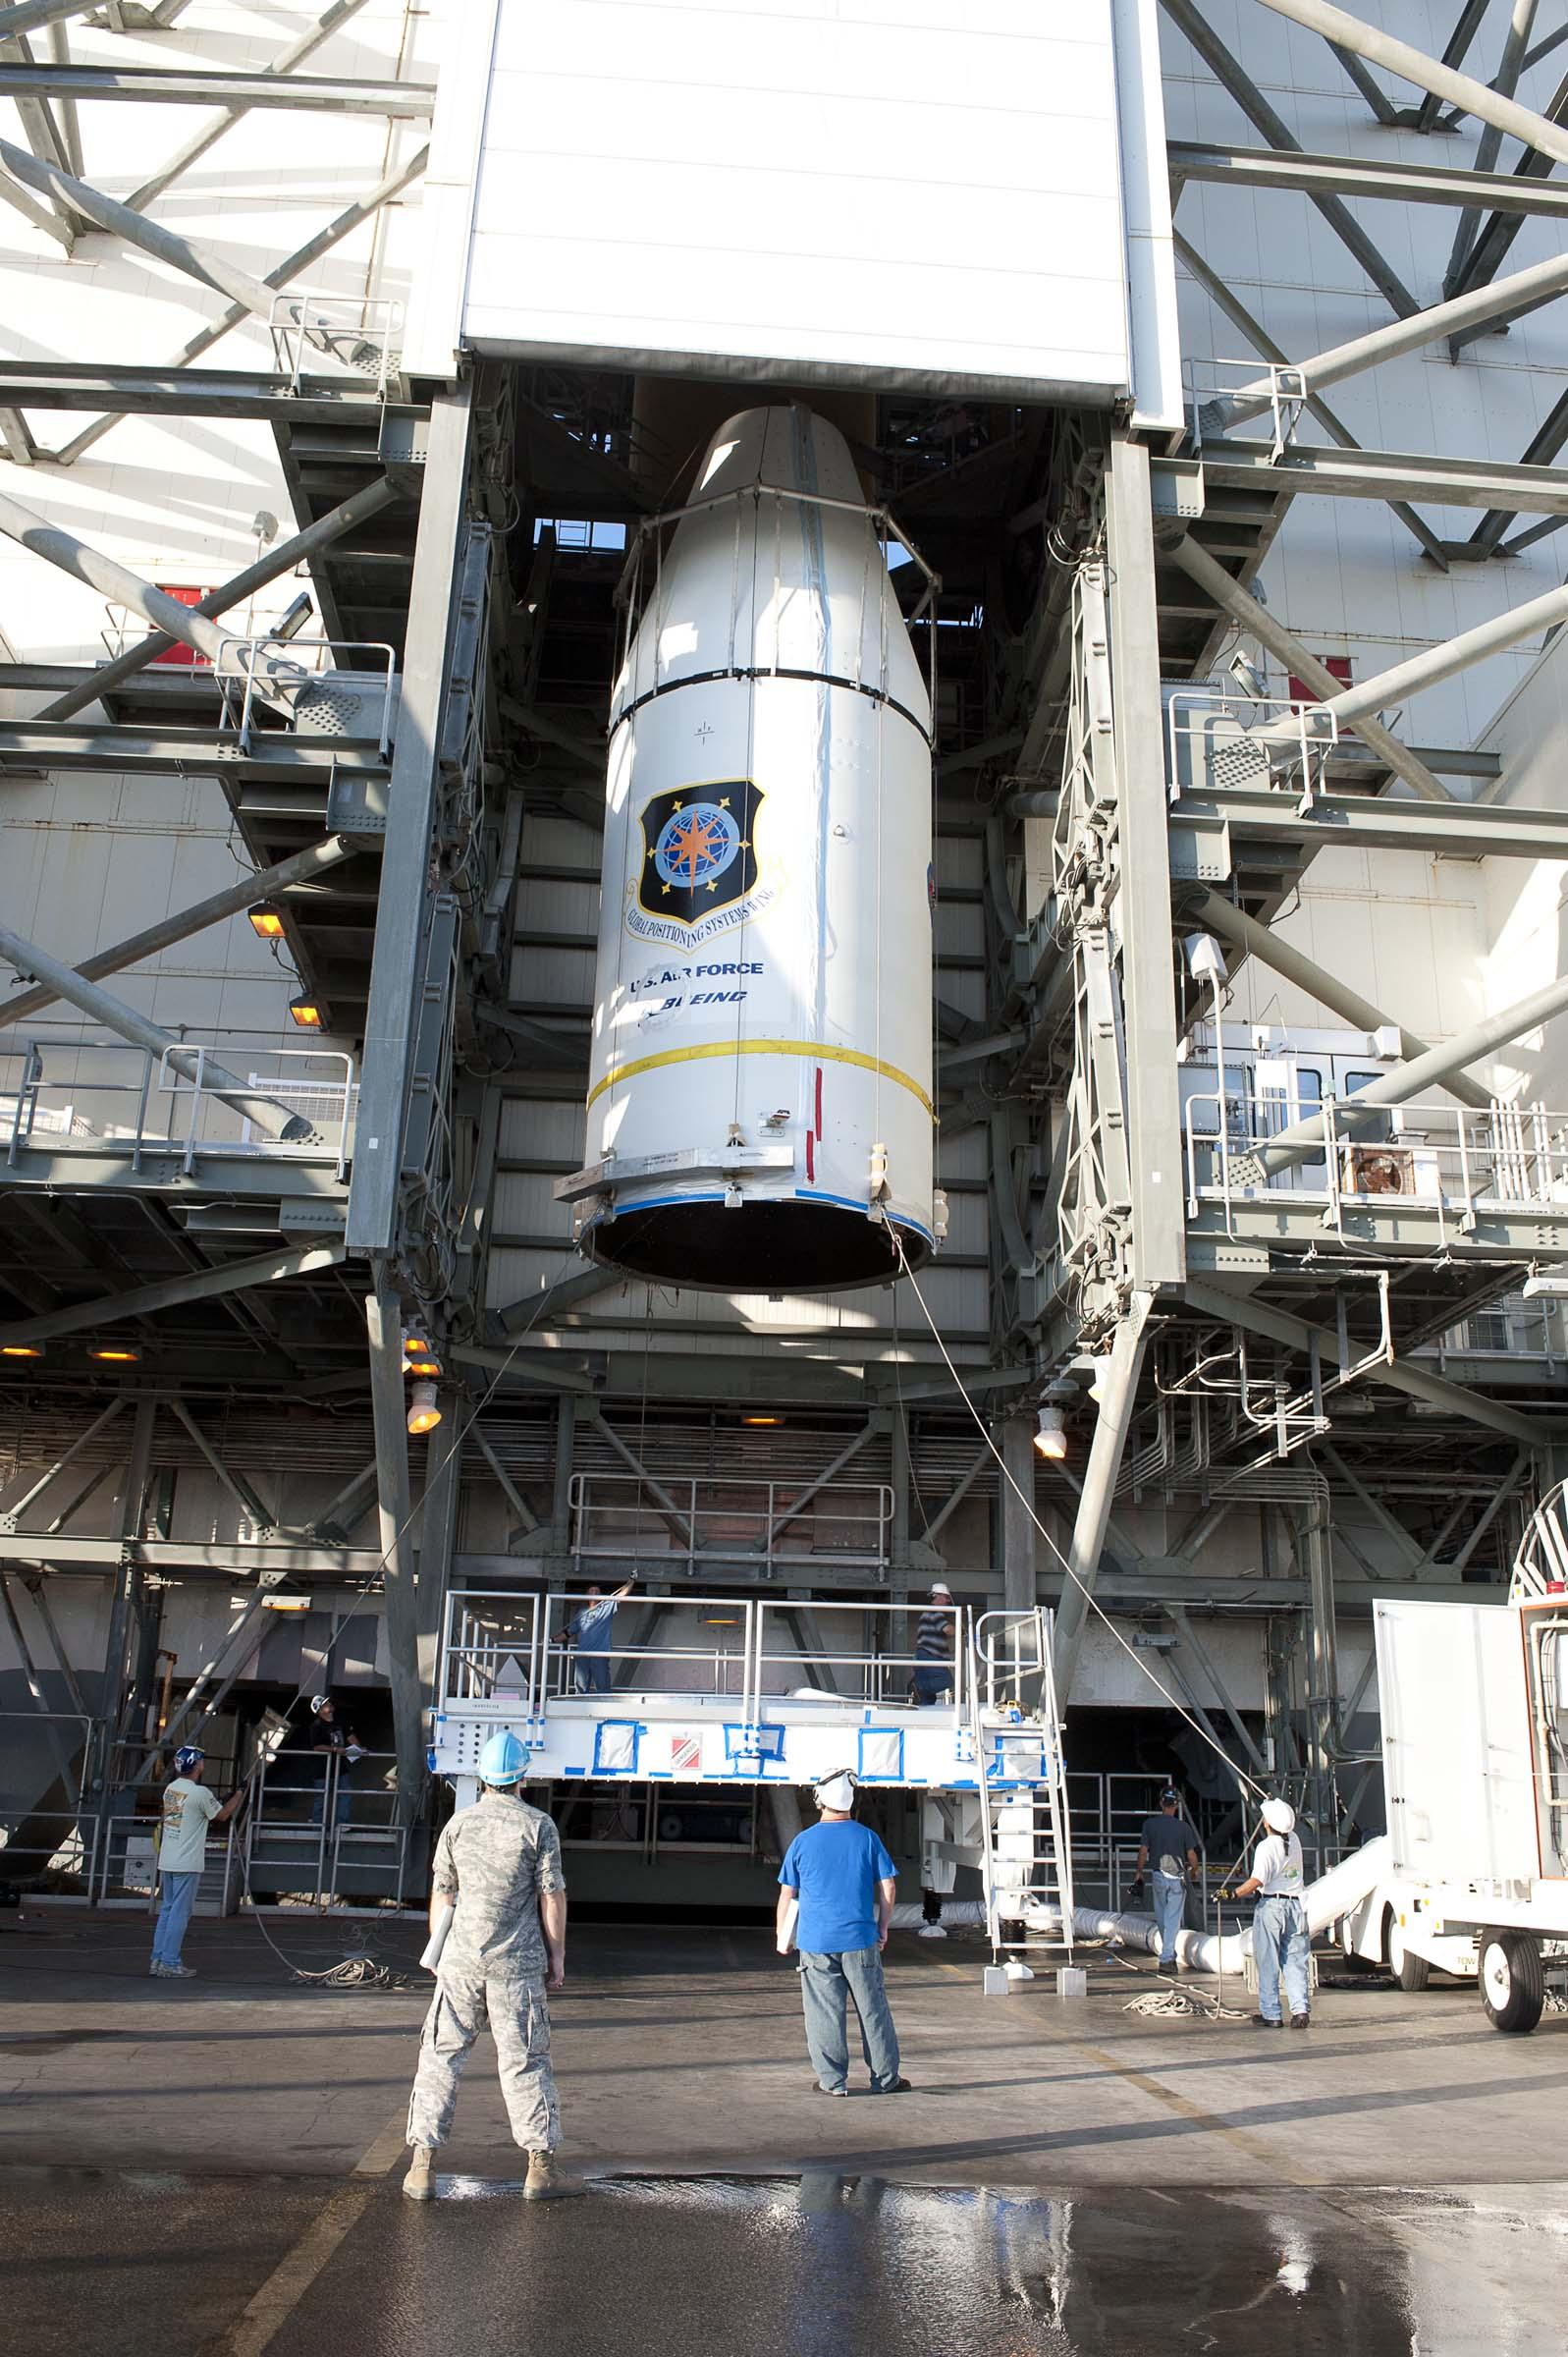 GPS IIF-3 Satellite Encapsulated Inside 4-Meter Diameter Payload Fairing